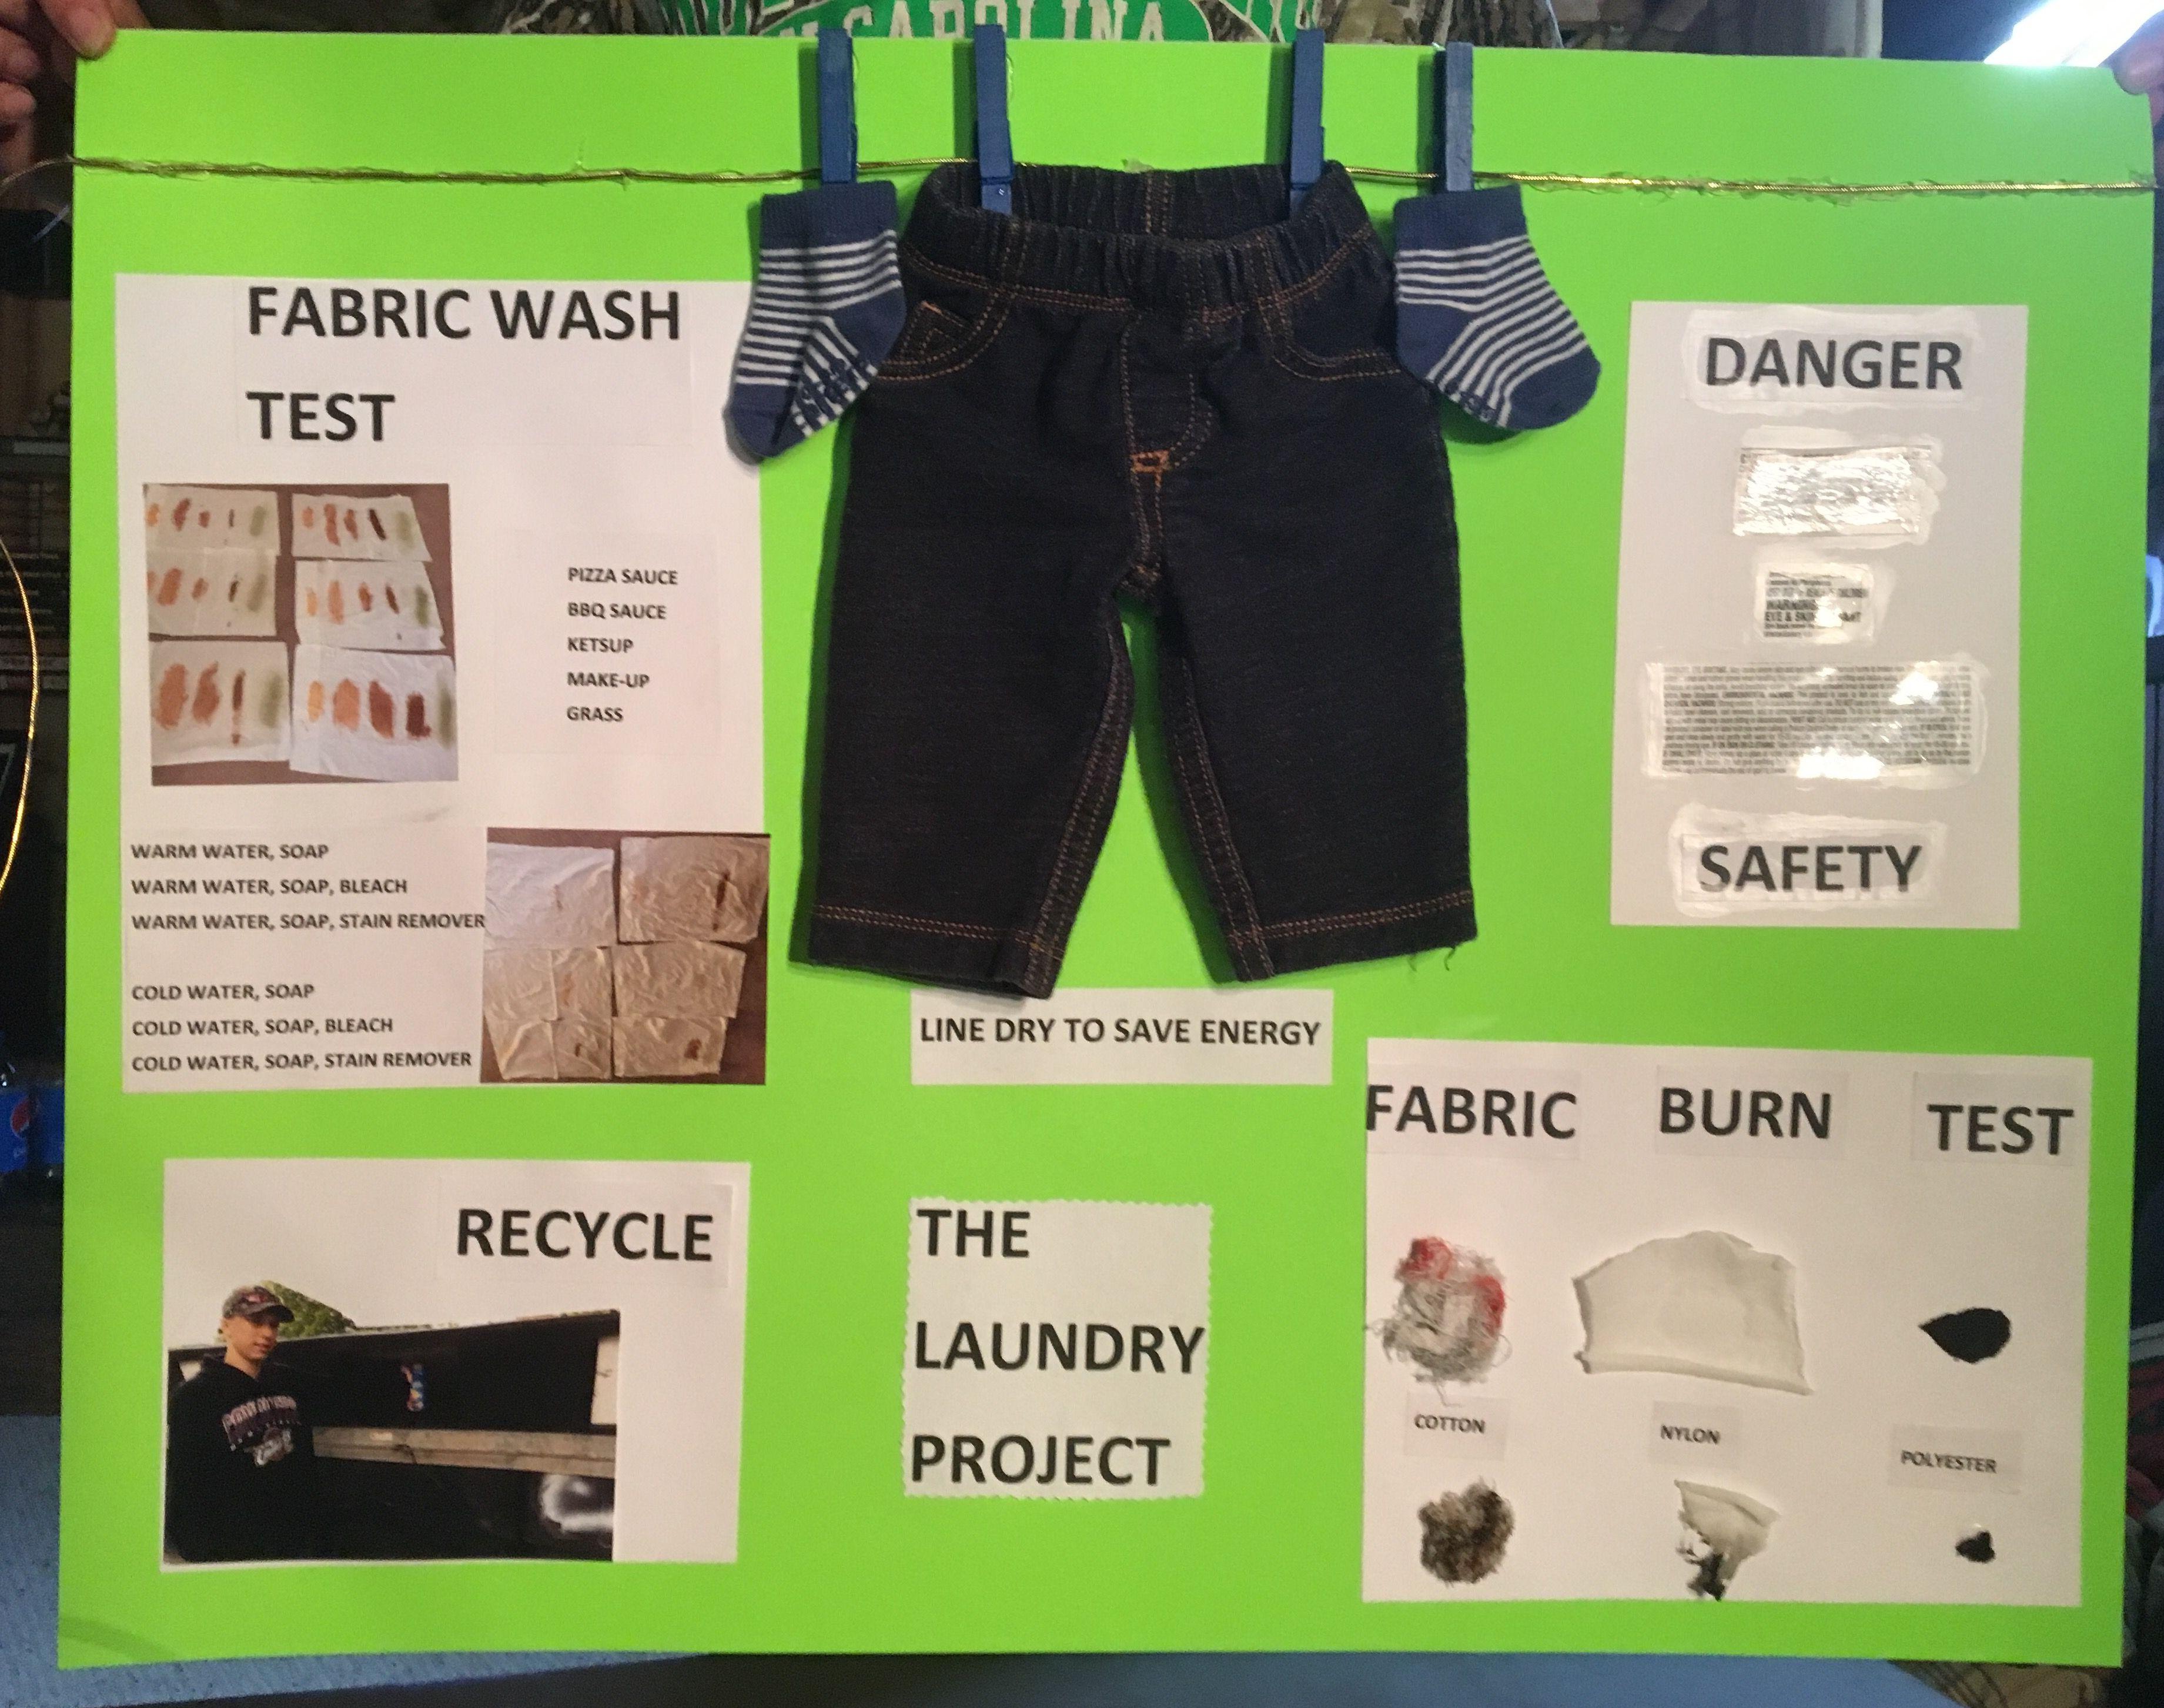 4-h laundry project poster | 4-h laundry project poster | pinterest